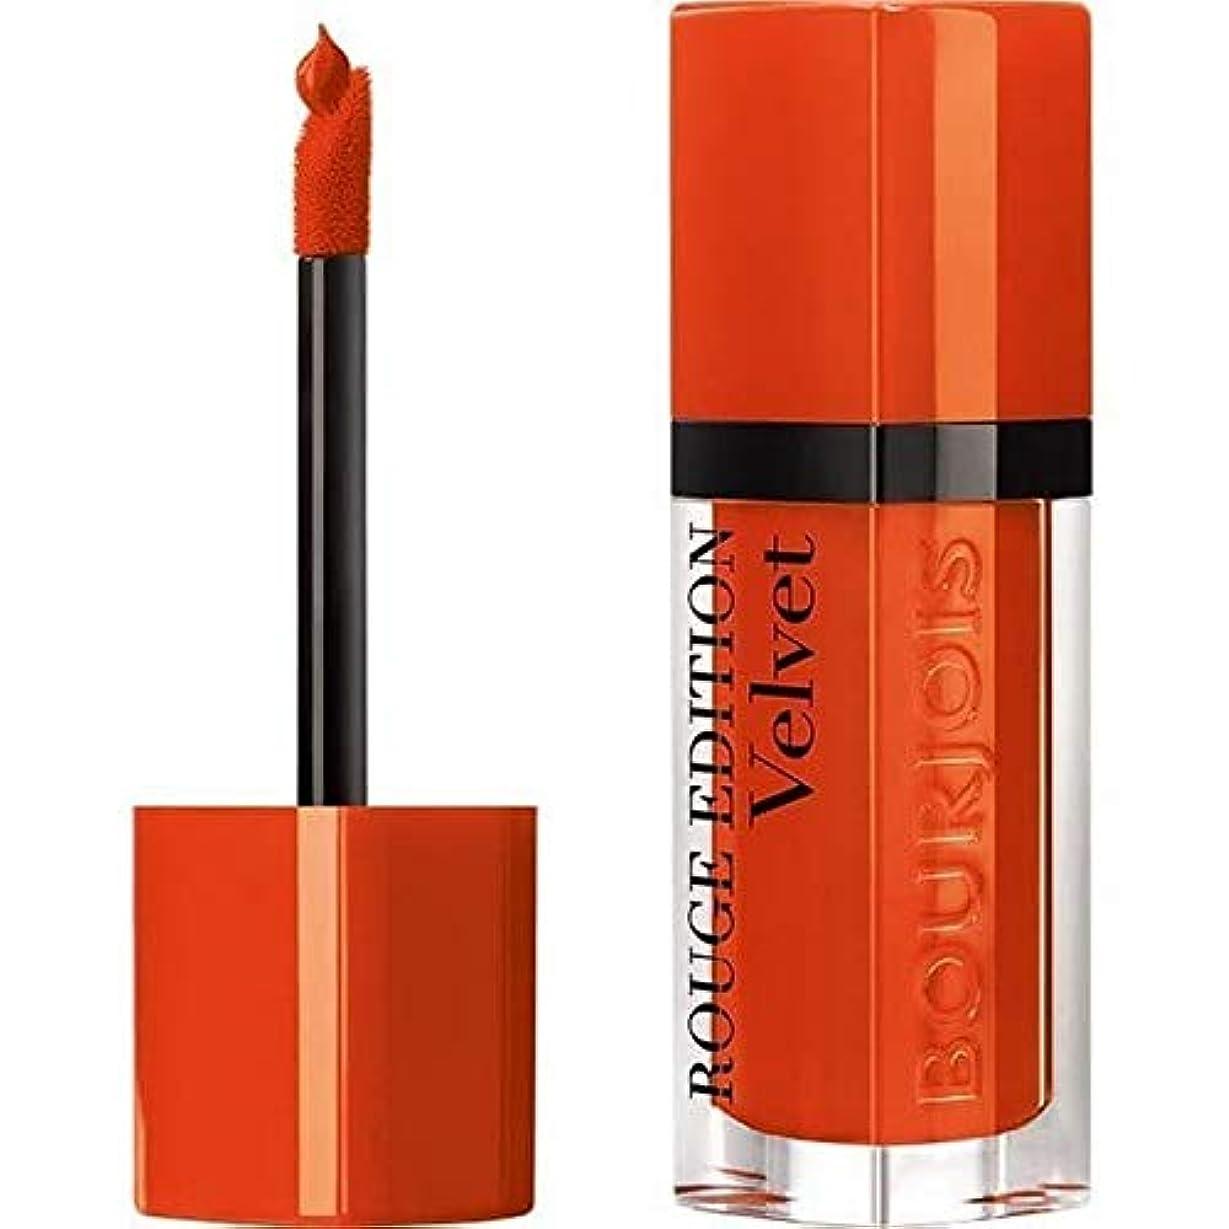 サークル糸相談[Bourjois ] ブルジョワ液状口紅ルージュ版ベルベットOranginal 30 - Bourjois Liquid Lipstick Rouge Edition Velvet Oranginal 30 [並行輸入品]